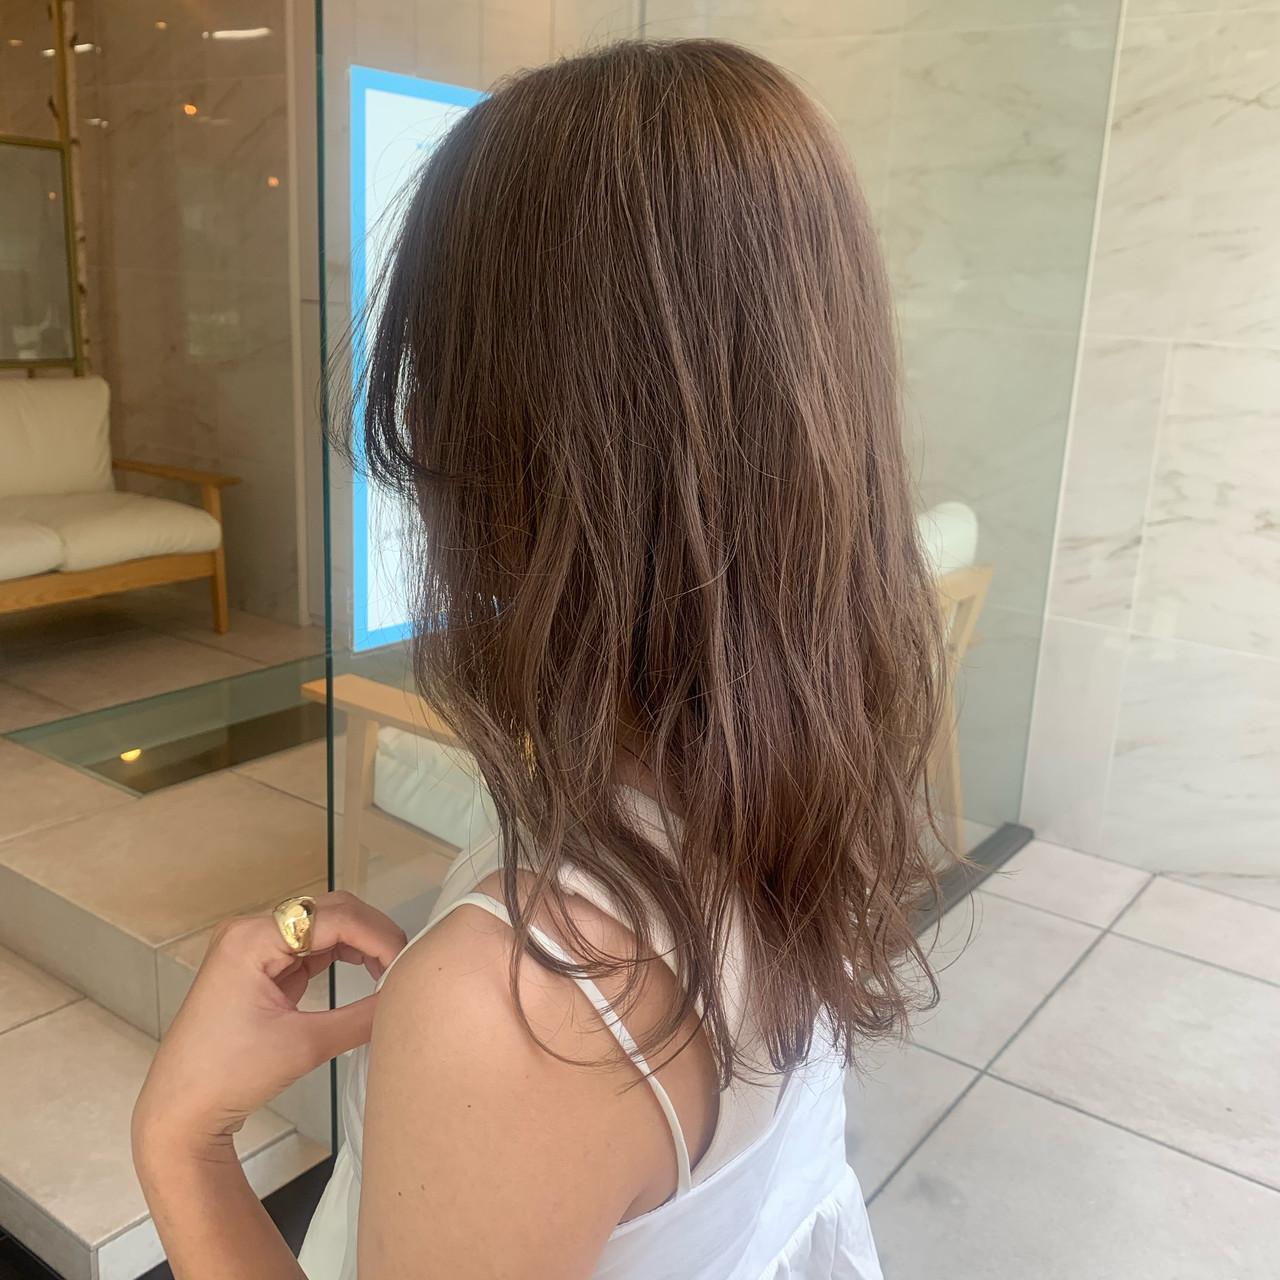 ガーリー オリーブグレージュ ミルクティーベージュ ブリーチカラー ヘアスタイルや髪型の写真・画像